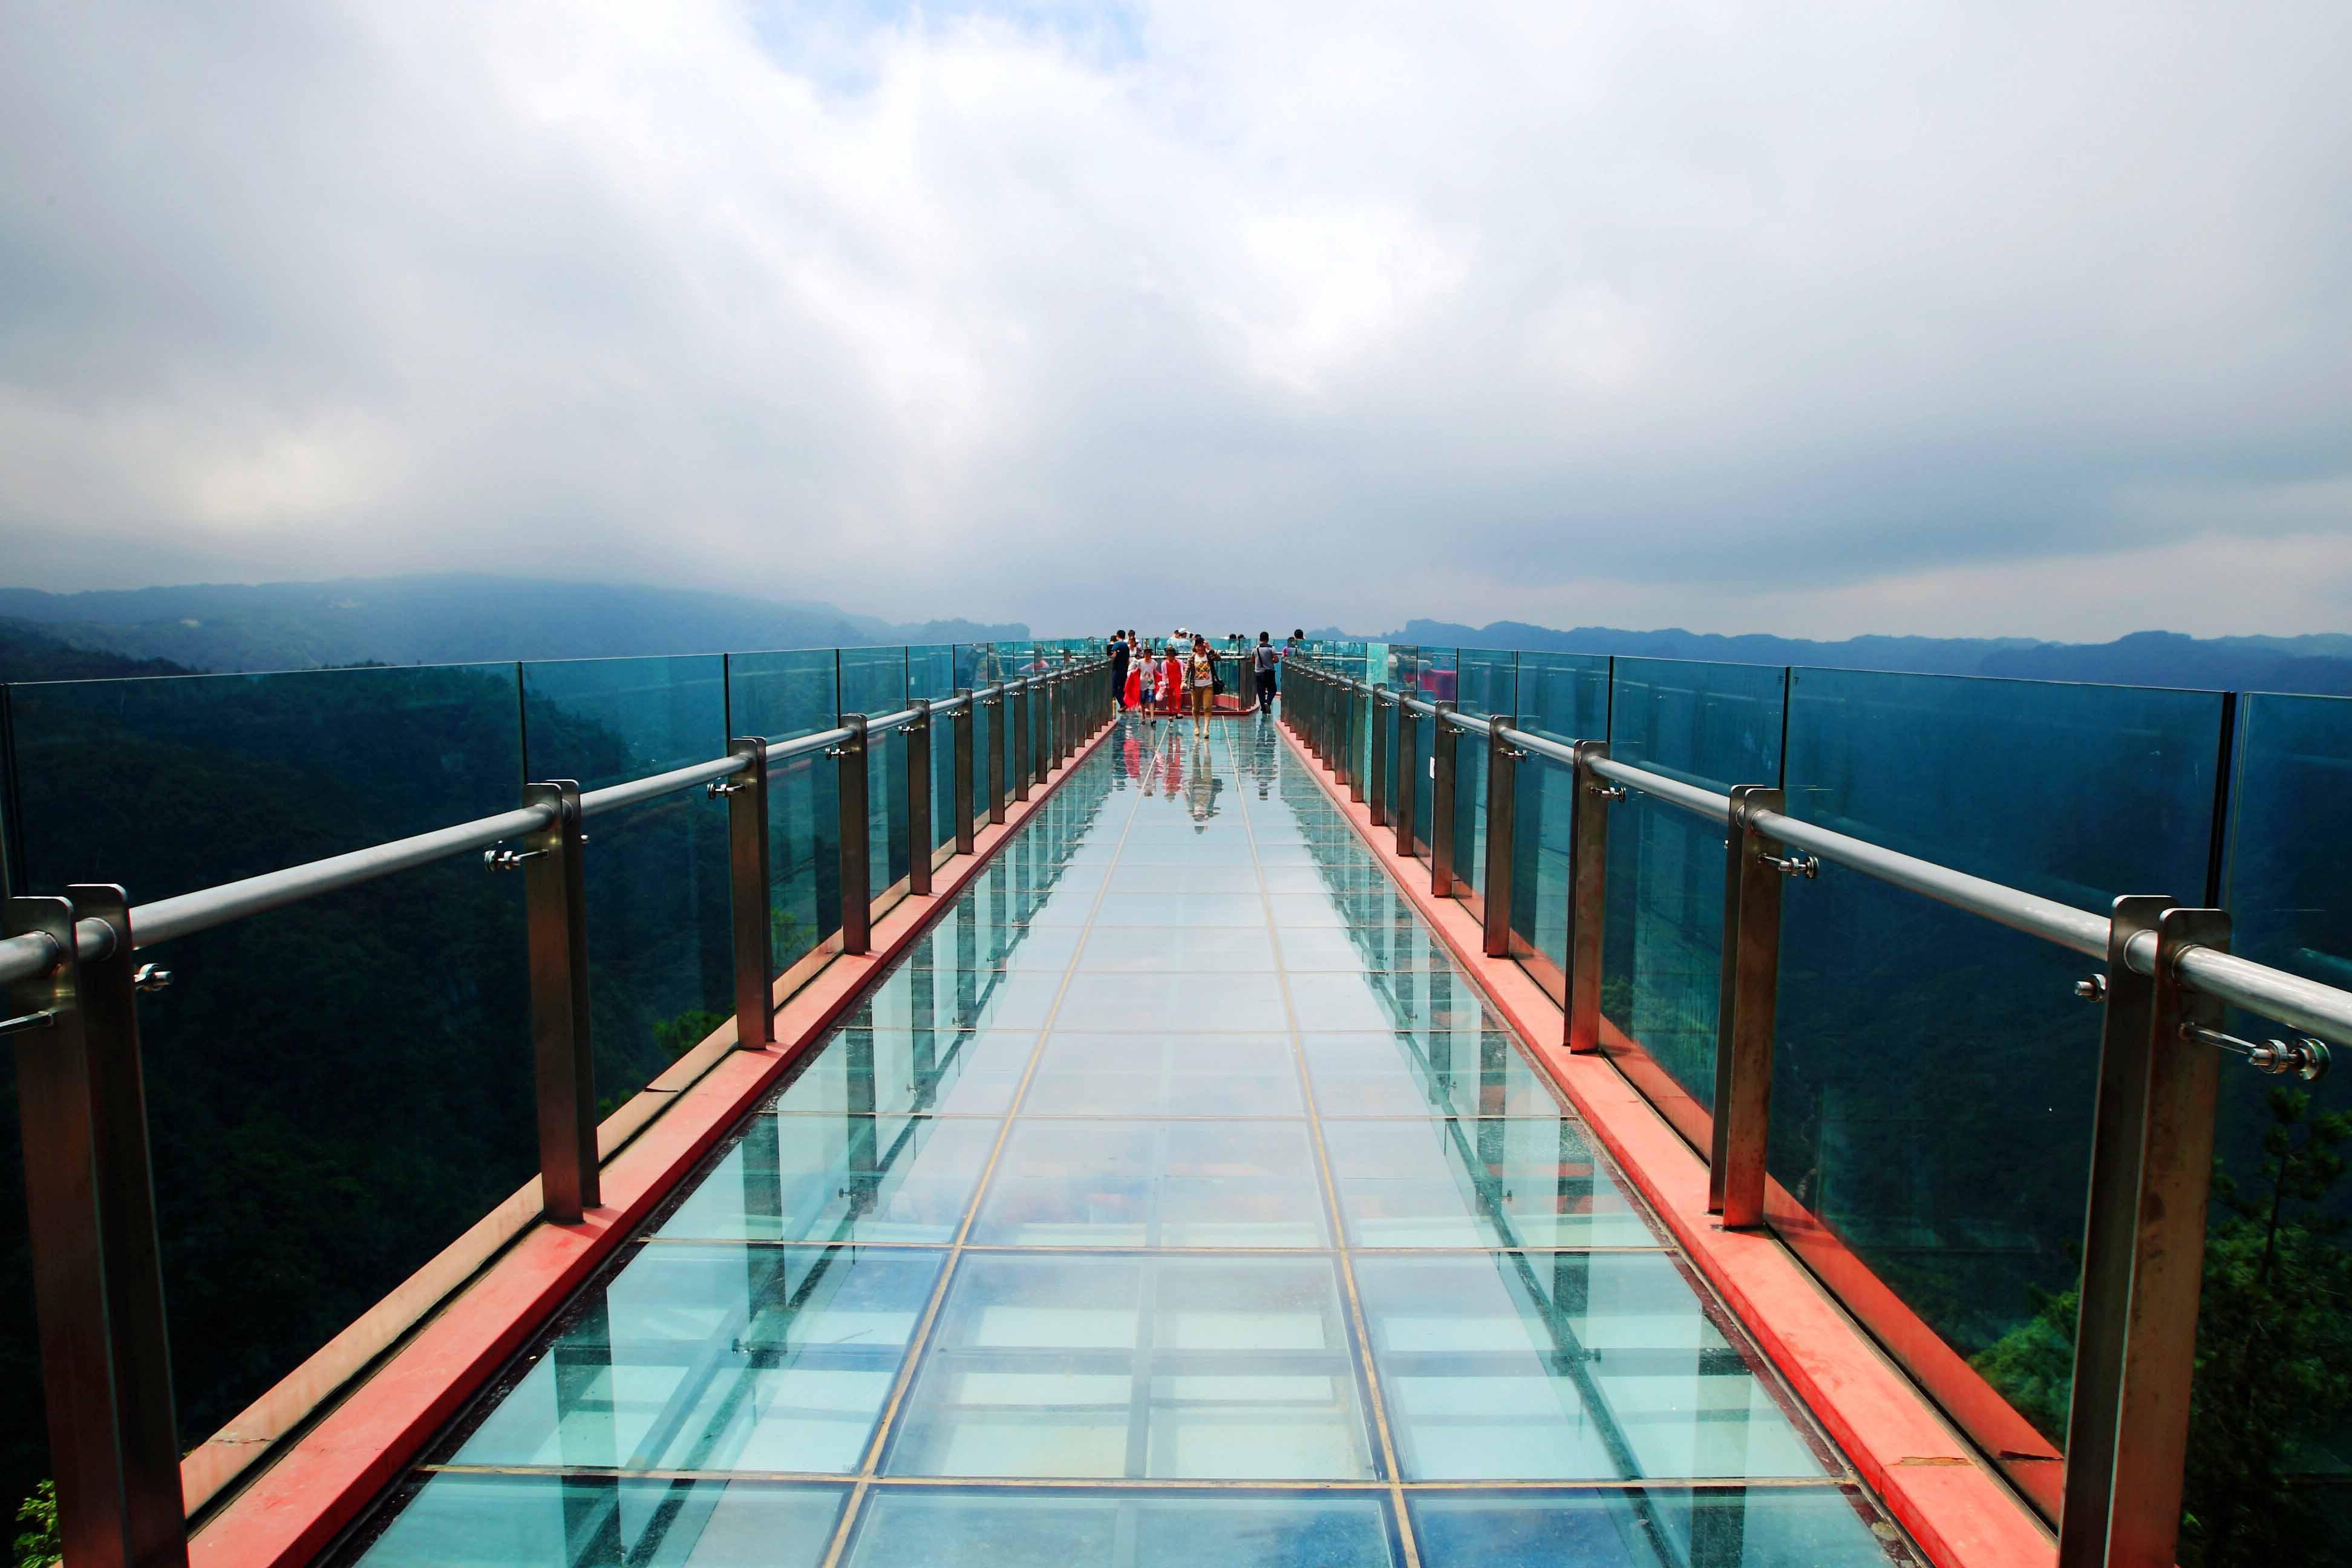 Il ponte di vetro pi lungo del mondo tgcom24 foto 1 for Piani di fondazione del ponte